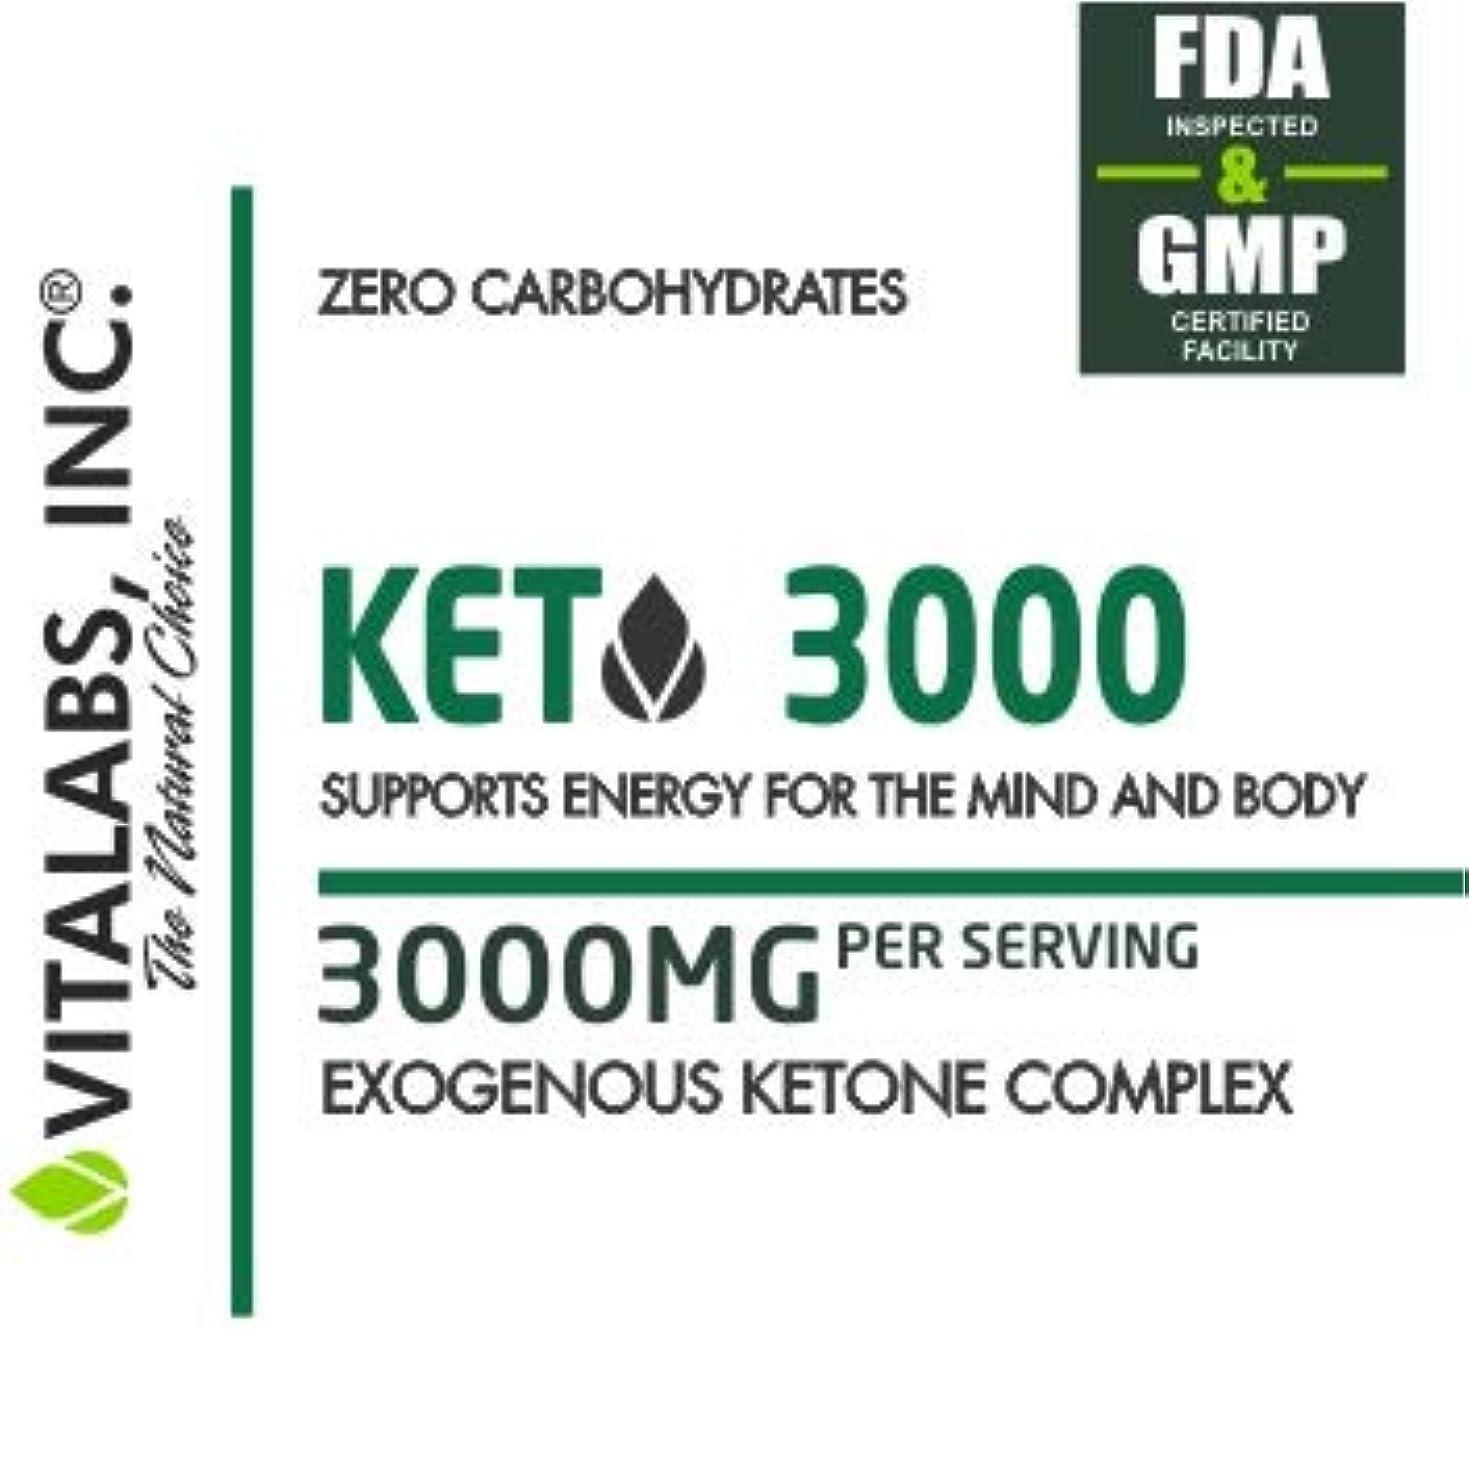 あえぎ明らかに暖かくケトジェニックダイエットサポートサプリメント KETO 3000/ Vitalabs 【アメリカより直送】 (120カプセル)